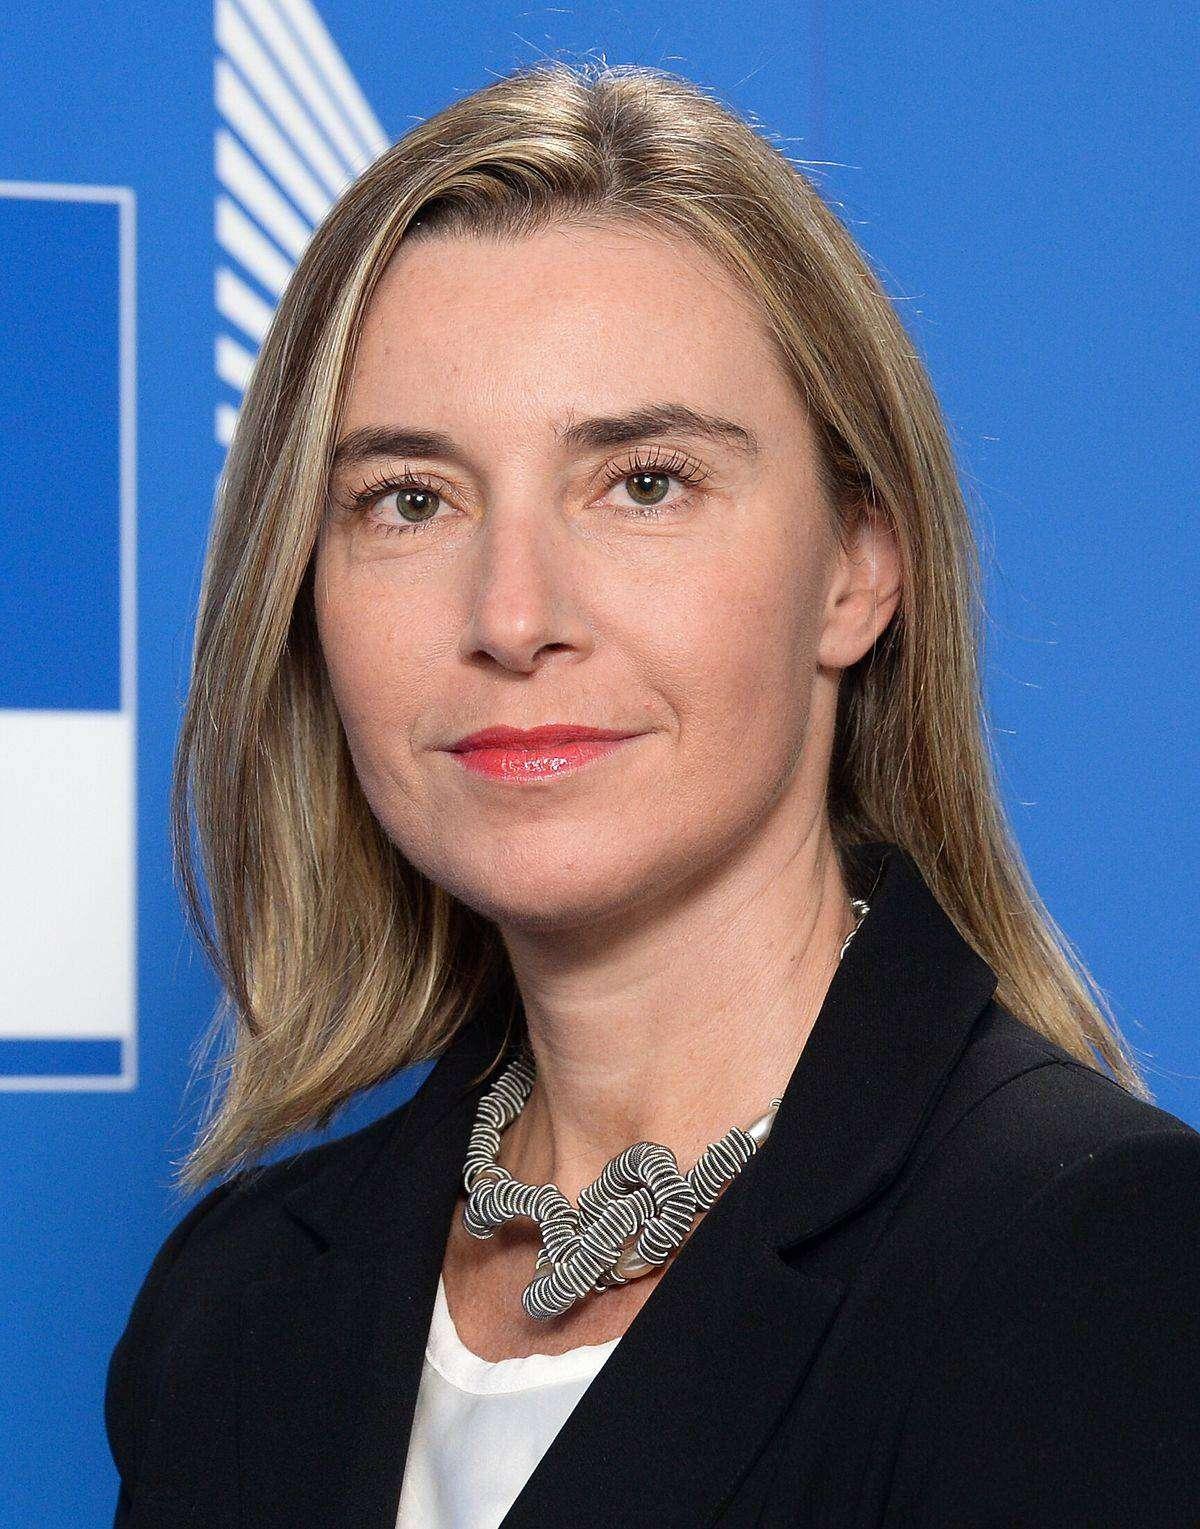 Федерика Могерини — Верховный представитель Европейского союза по иностранным делам и политике безопасности